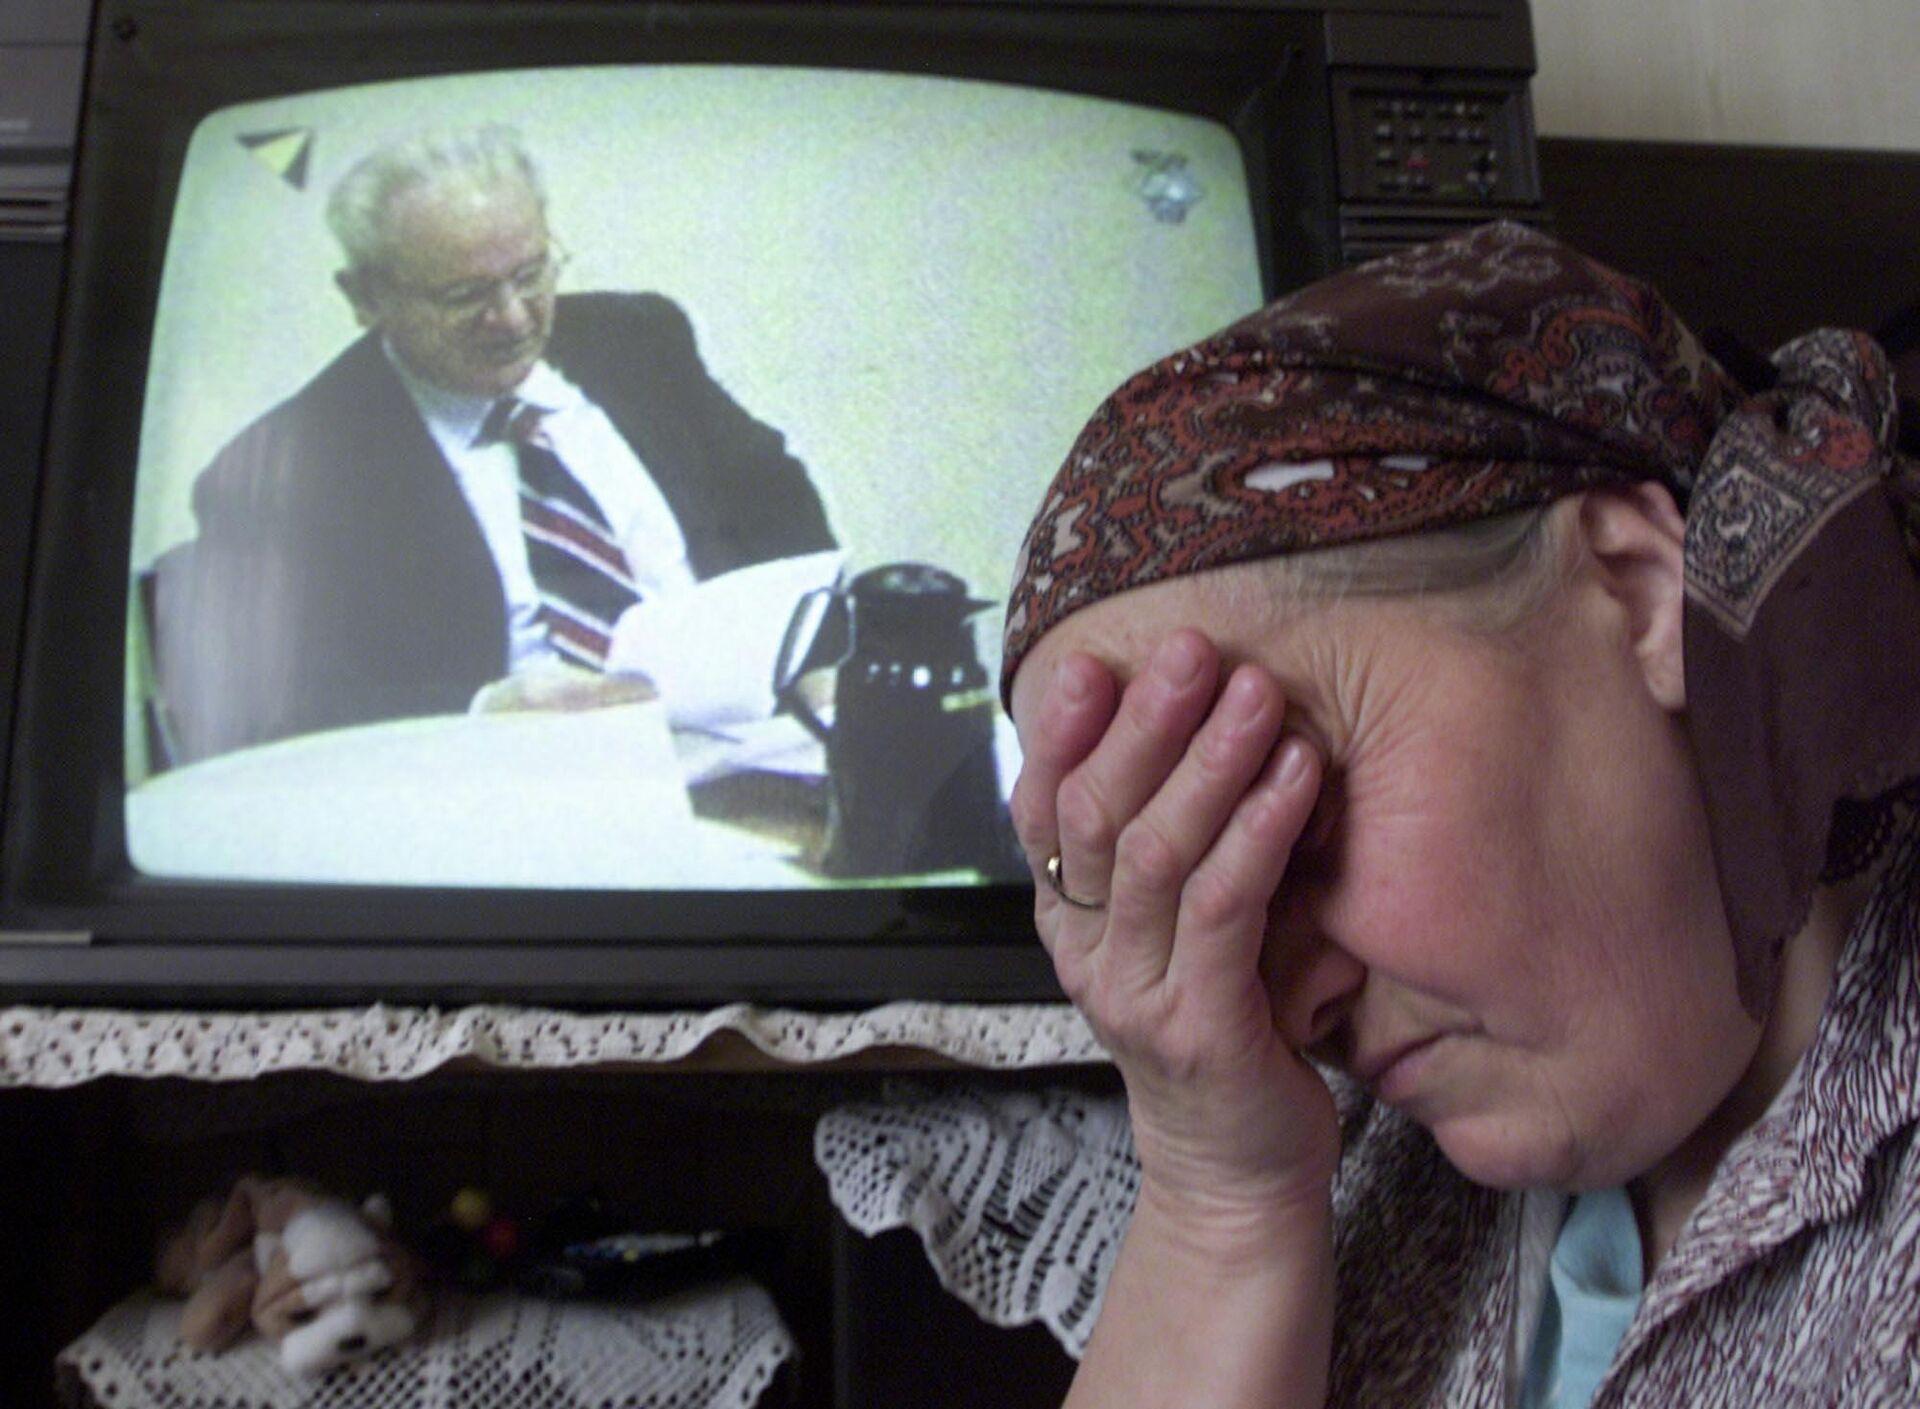 Боснийская женщина плачет, наблюдая по телевизору за трибуналом над Слободаном Милошевичем. 14 февраля 2002 - РИА Новости, 1920, 05.03.2021